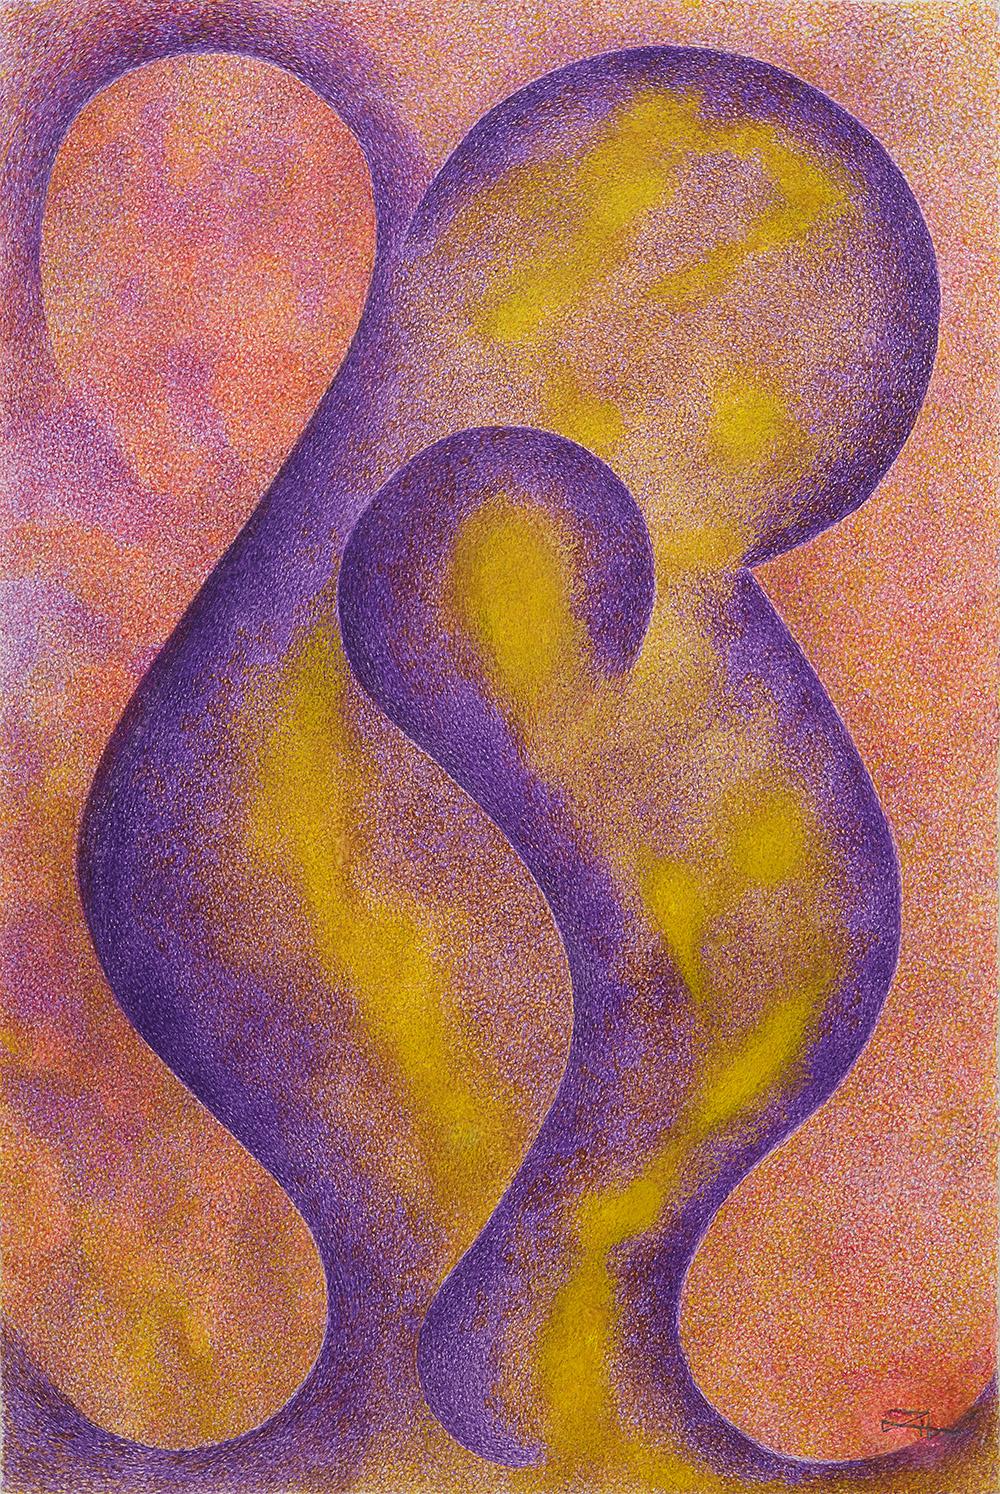 Henriette Zéphir    La Flamme Violette  , 2006 Ink on paper 19 x 12.5 inches 48.3 x 31.8 cm HZe 19